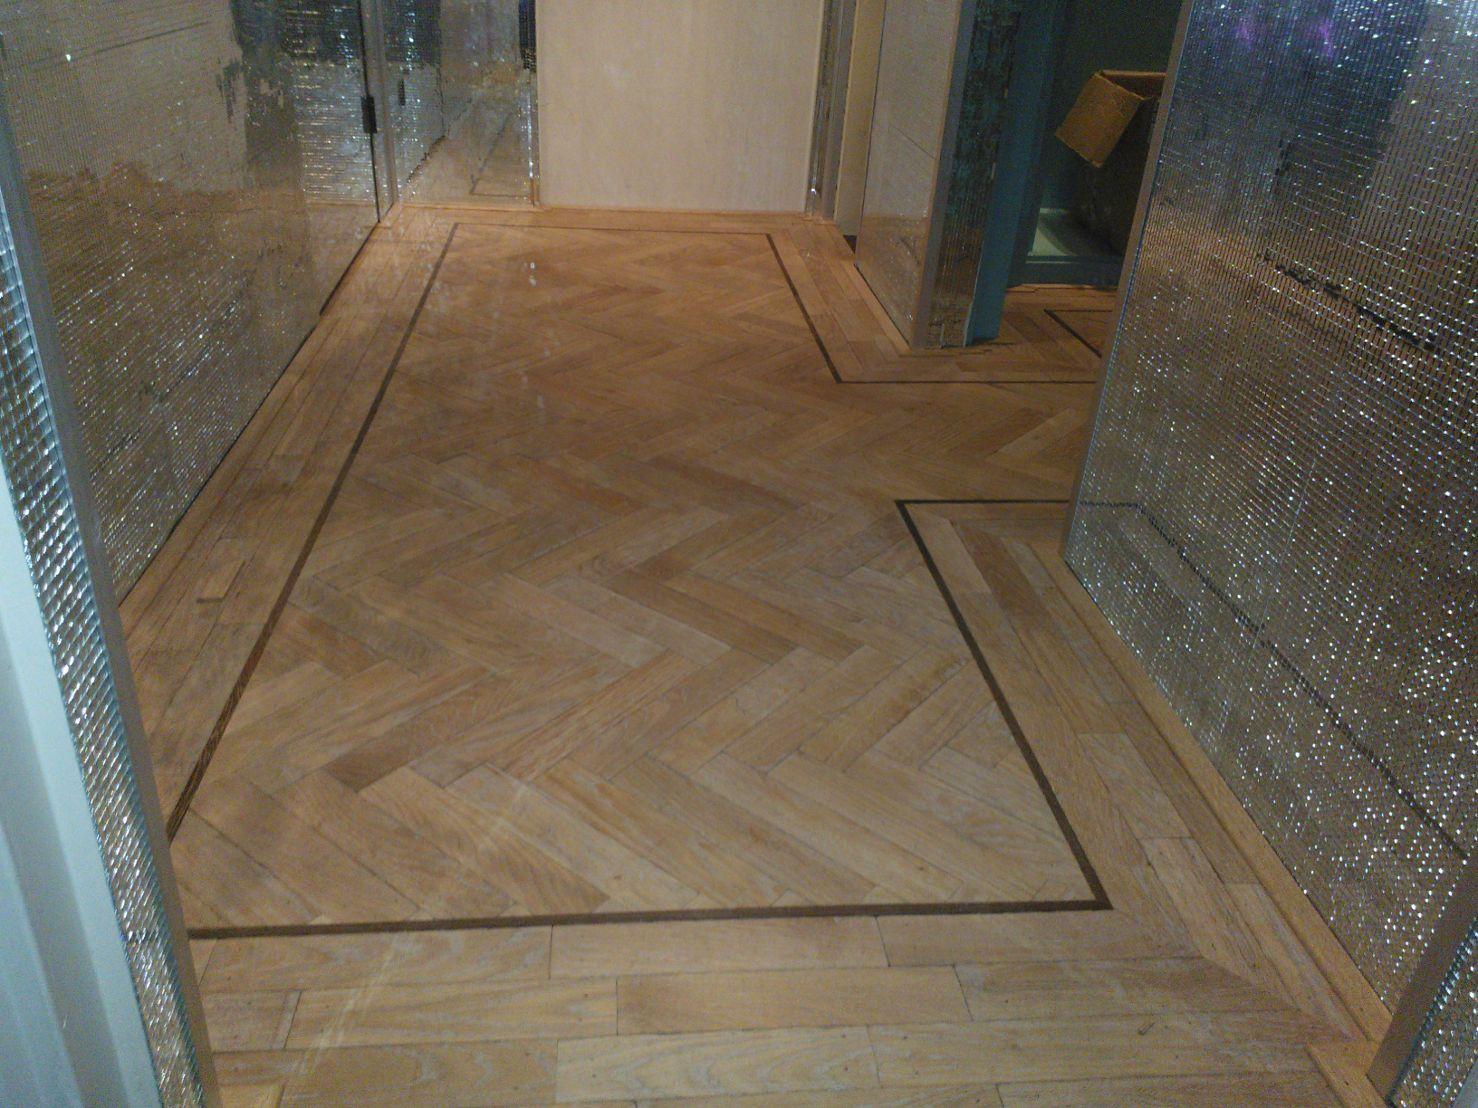 Antiek Visgraat Parket : Visgraat parket vloer door natuurlijk hout gelegd in een hal